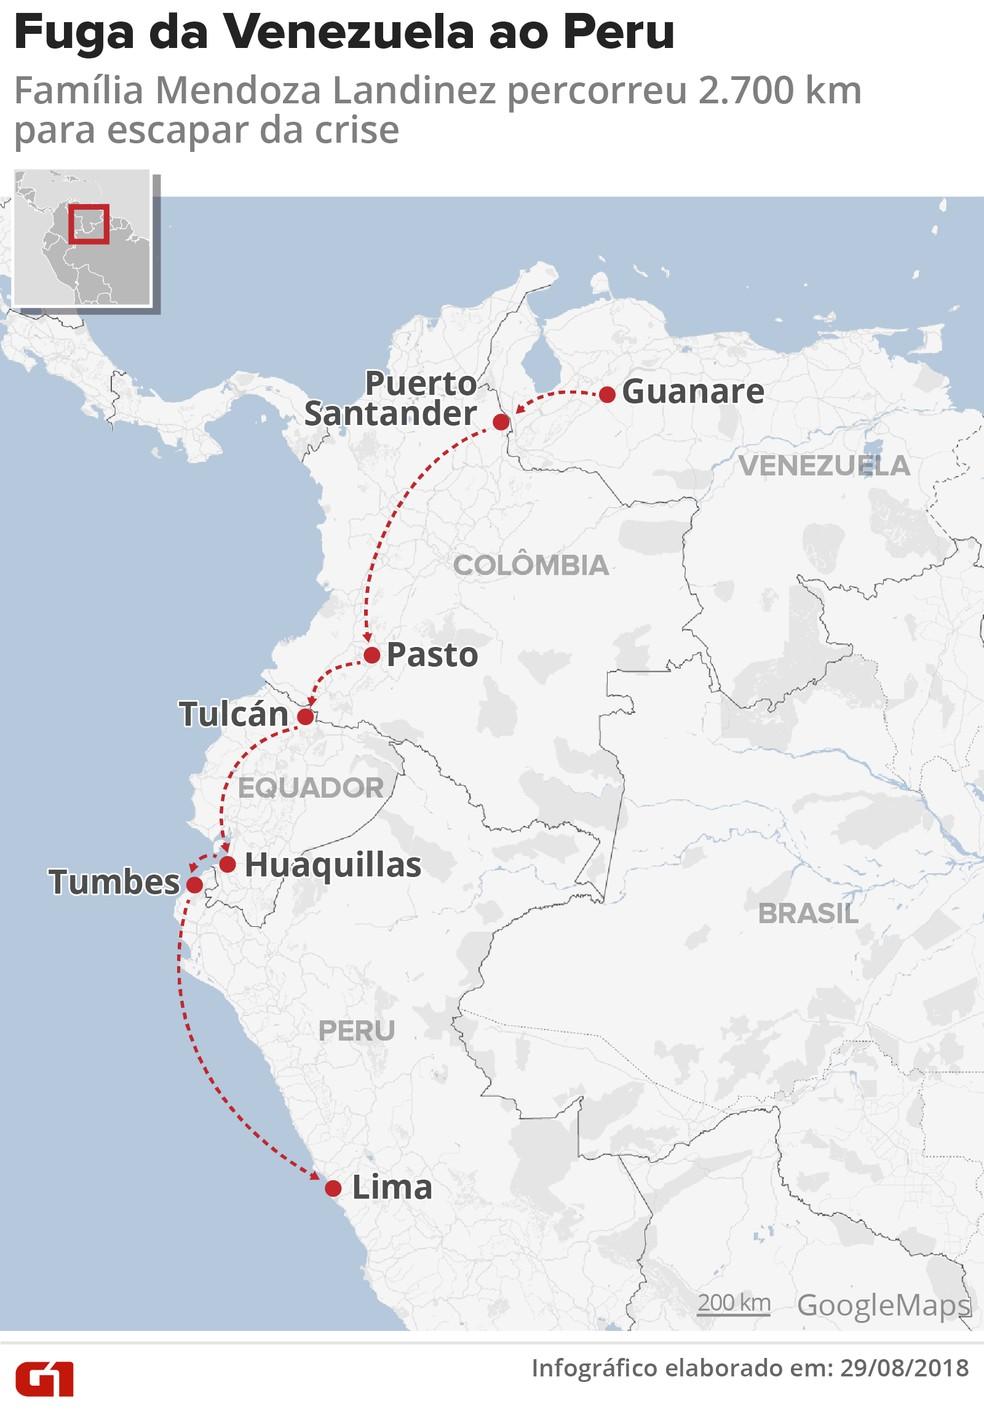 Trajeto da família Mendoz Landinez da Venezuela ao Peru (Foto: Infografia: Igor Estrella/G1)